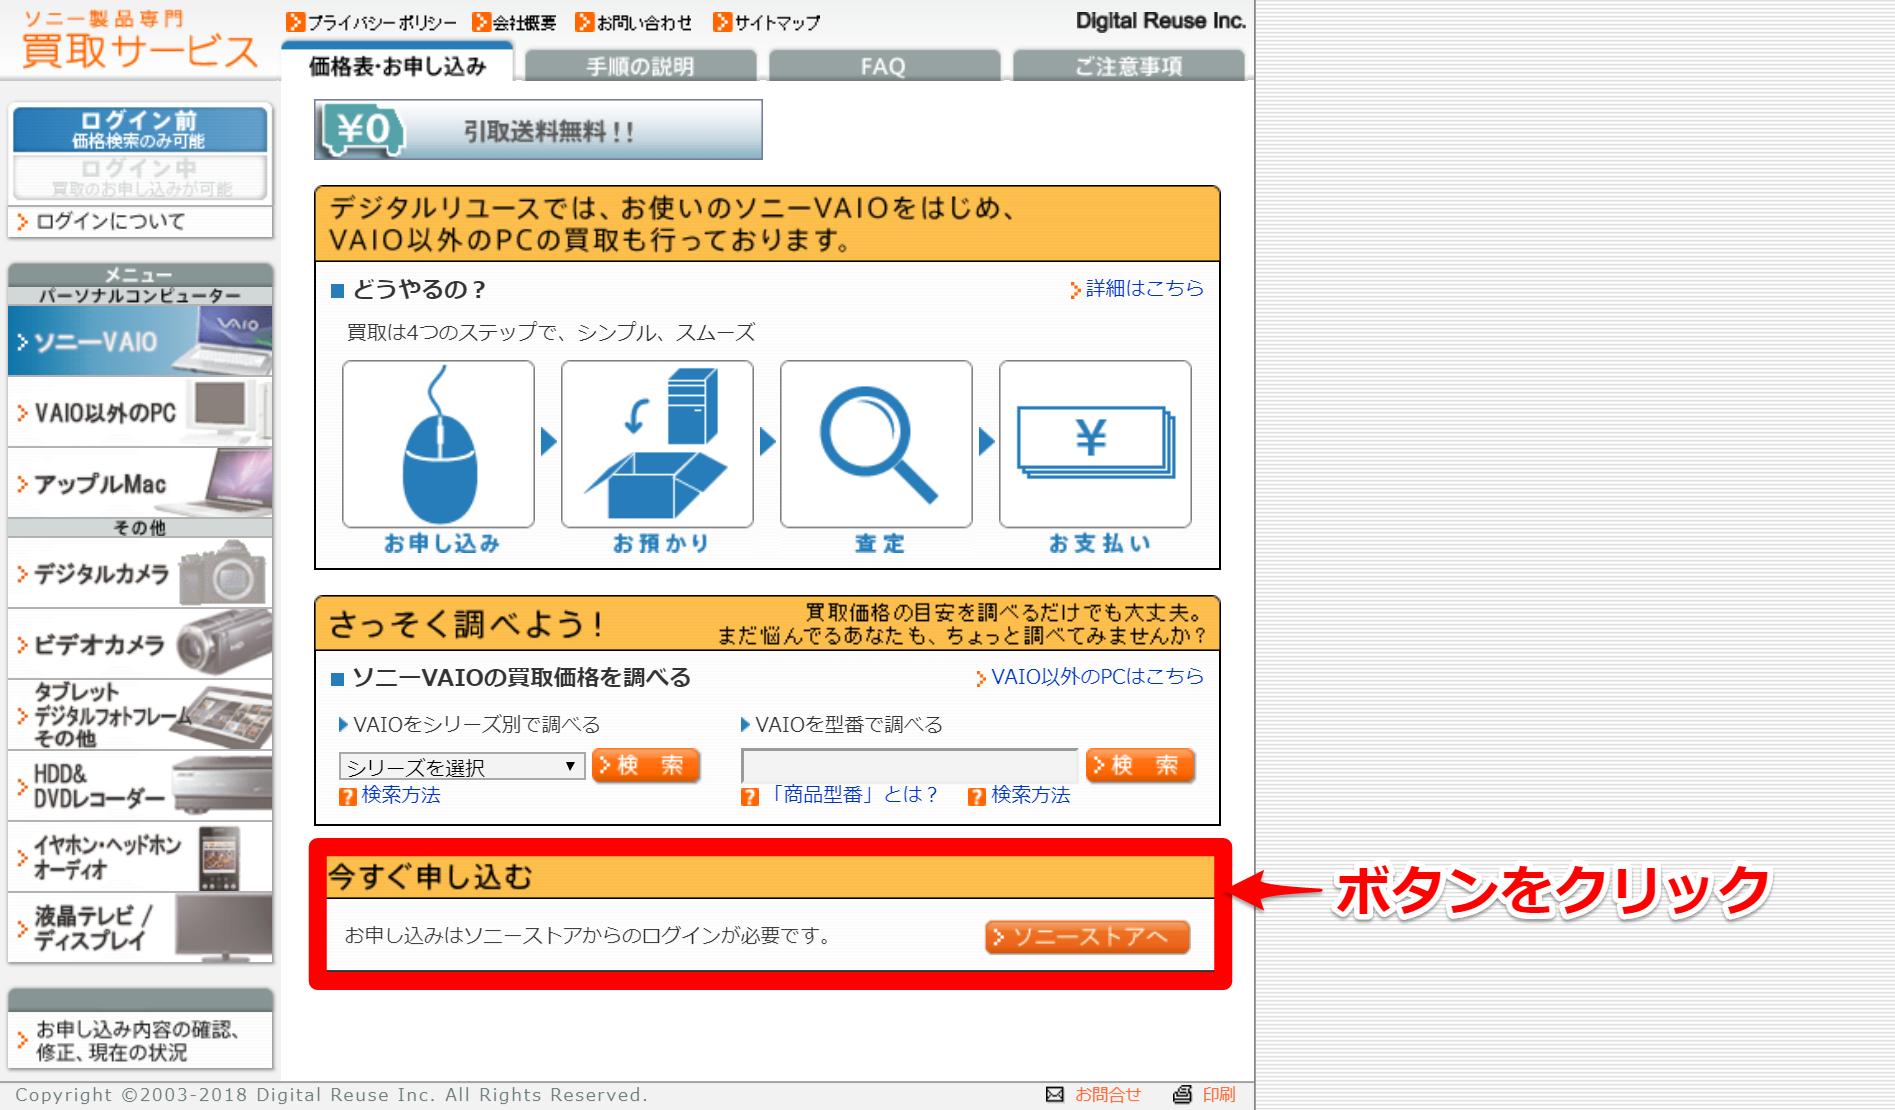 VAIO下取サービス | VAIO(パーソナルコンピューター) | ソニー